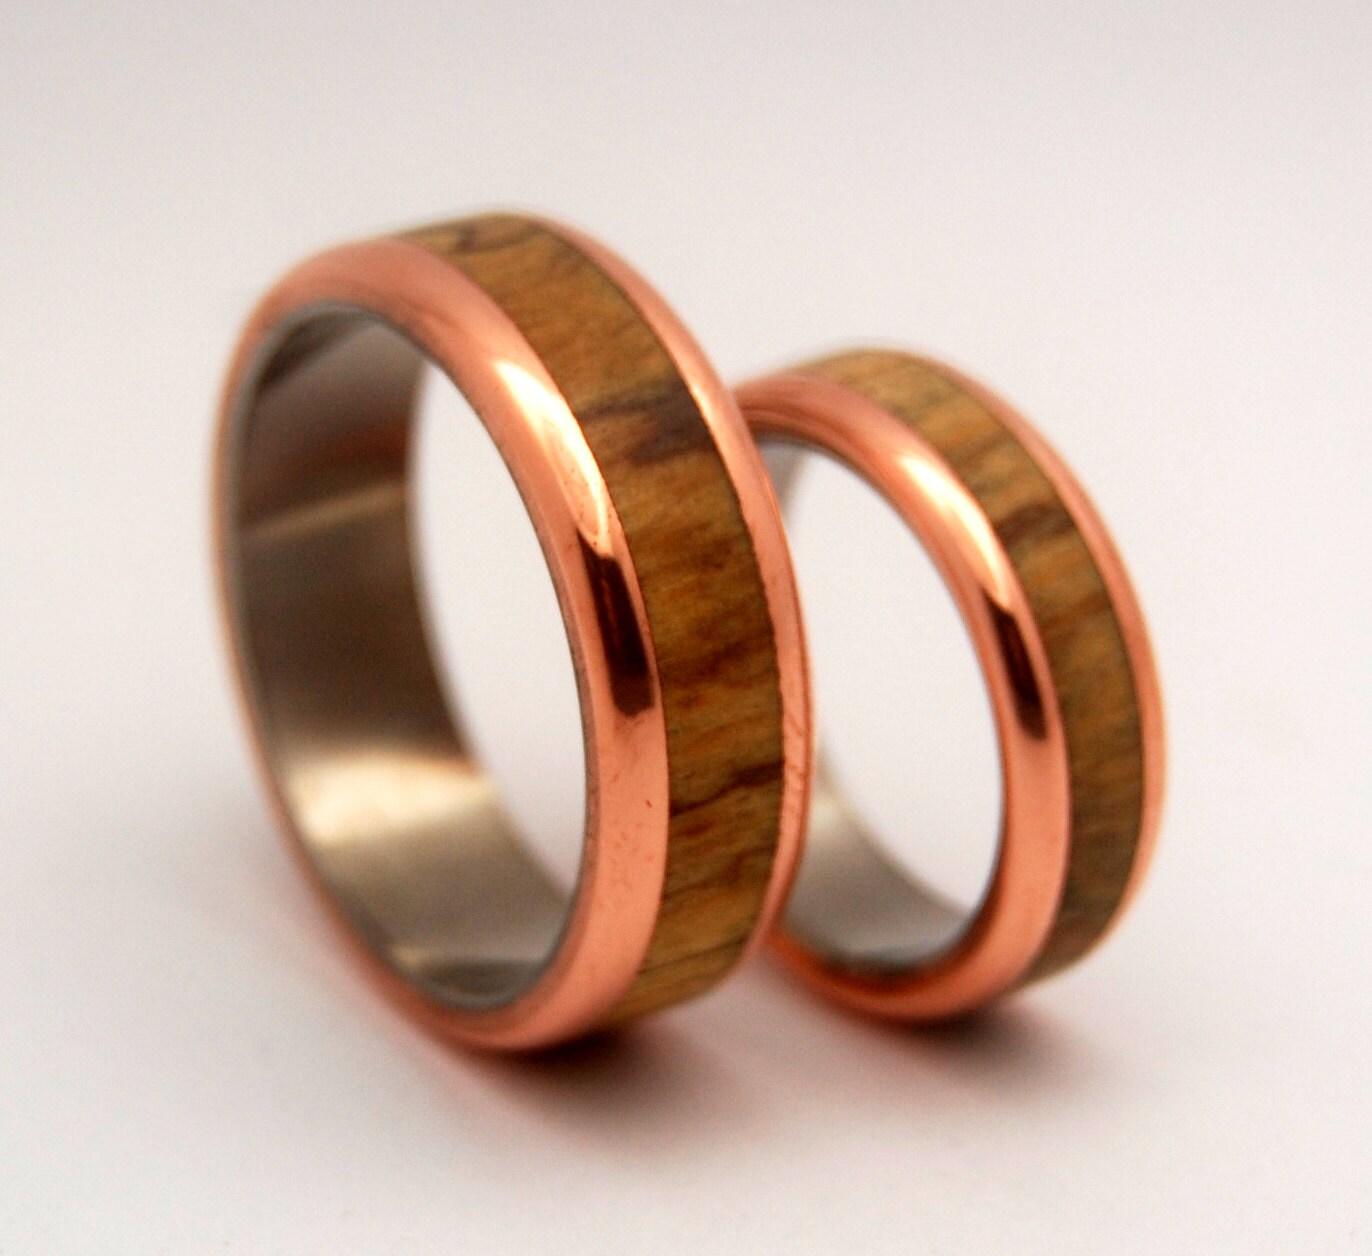 wedding rings titanium rings wood rings mens wooden wedding bands wood rings mens rings Titanium Wedding Bands zoom